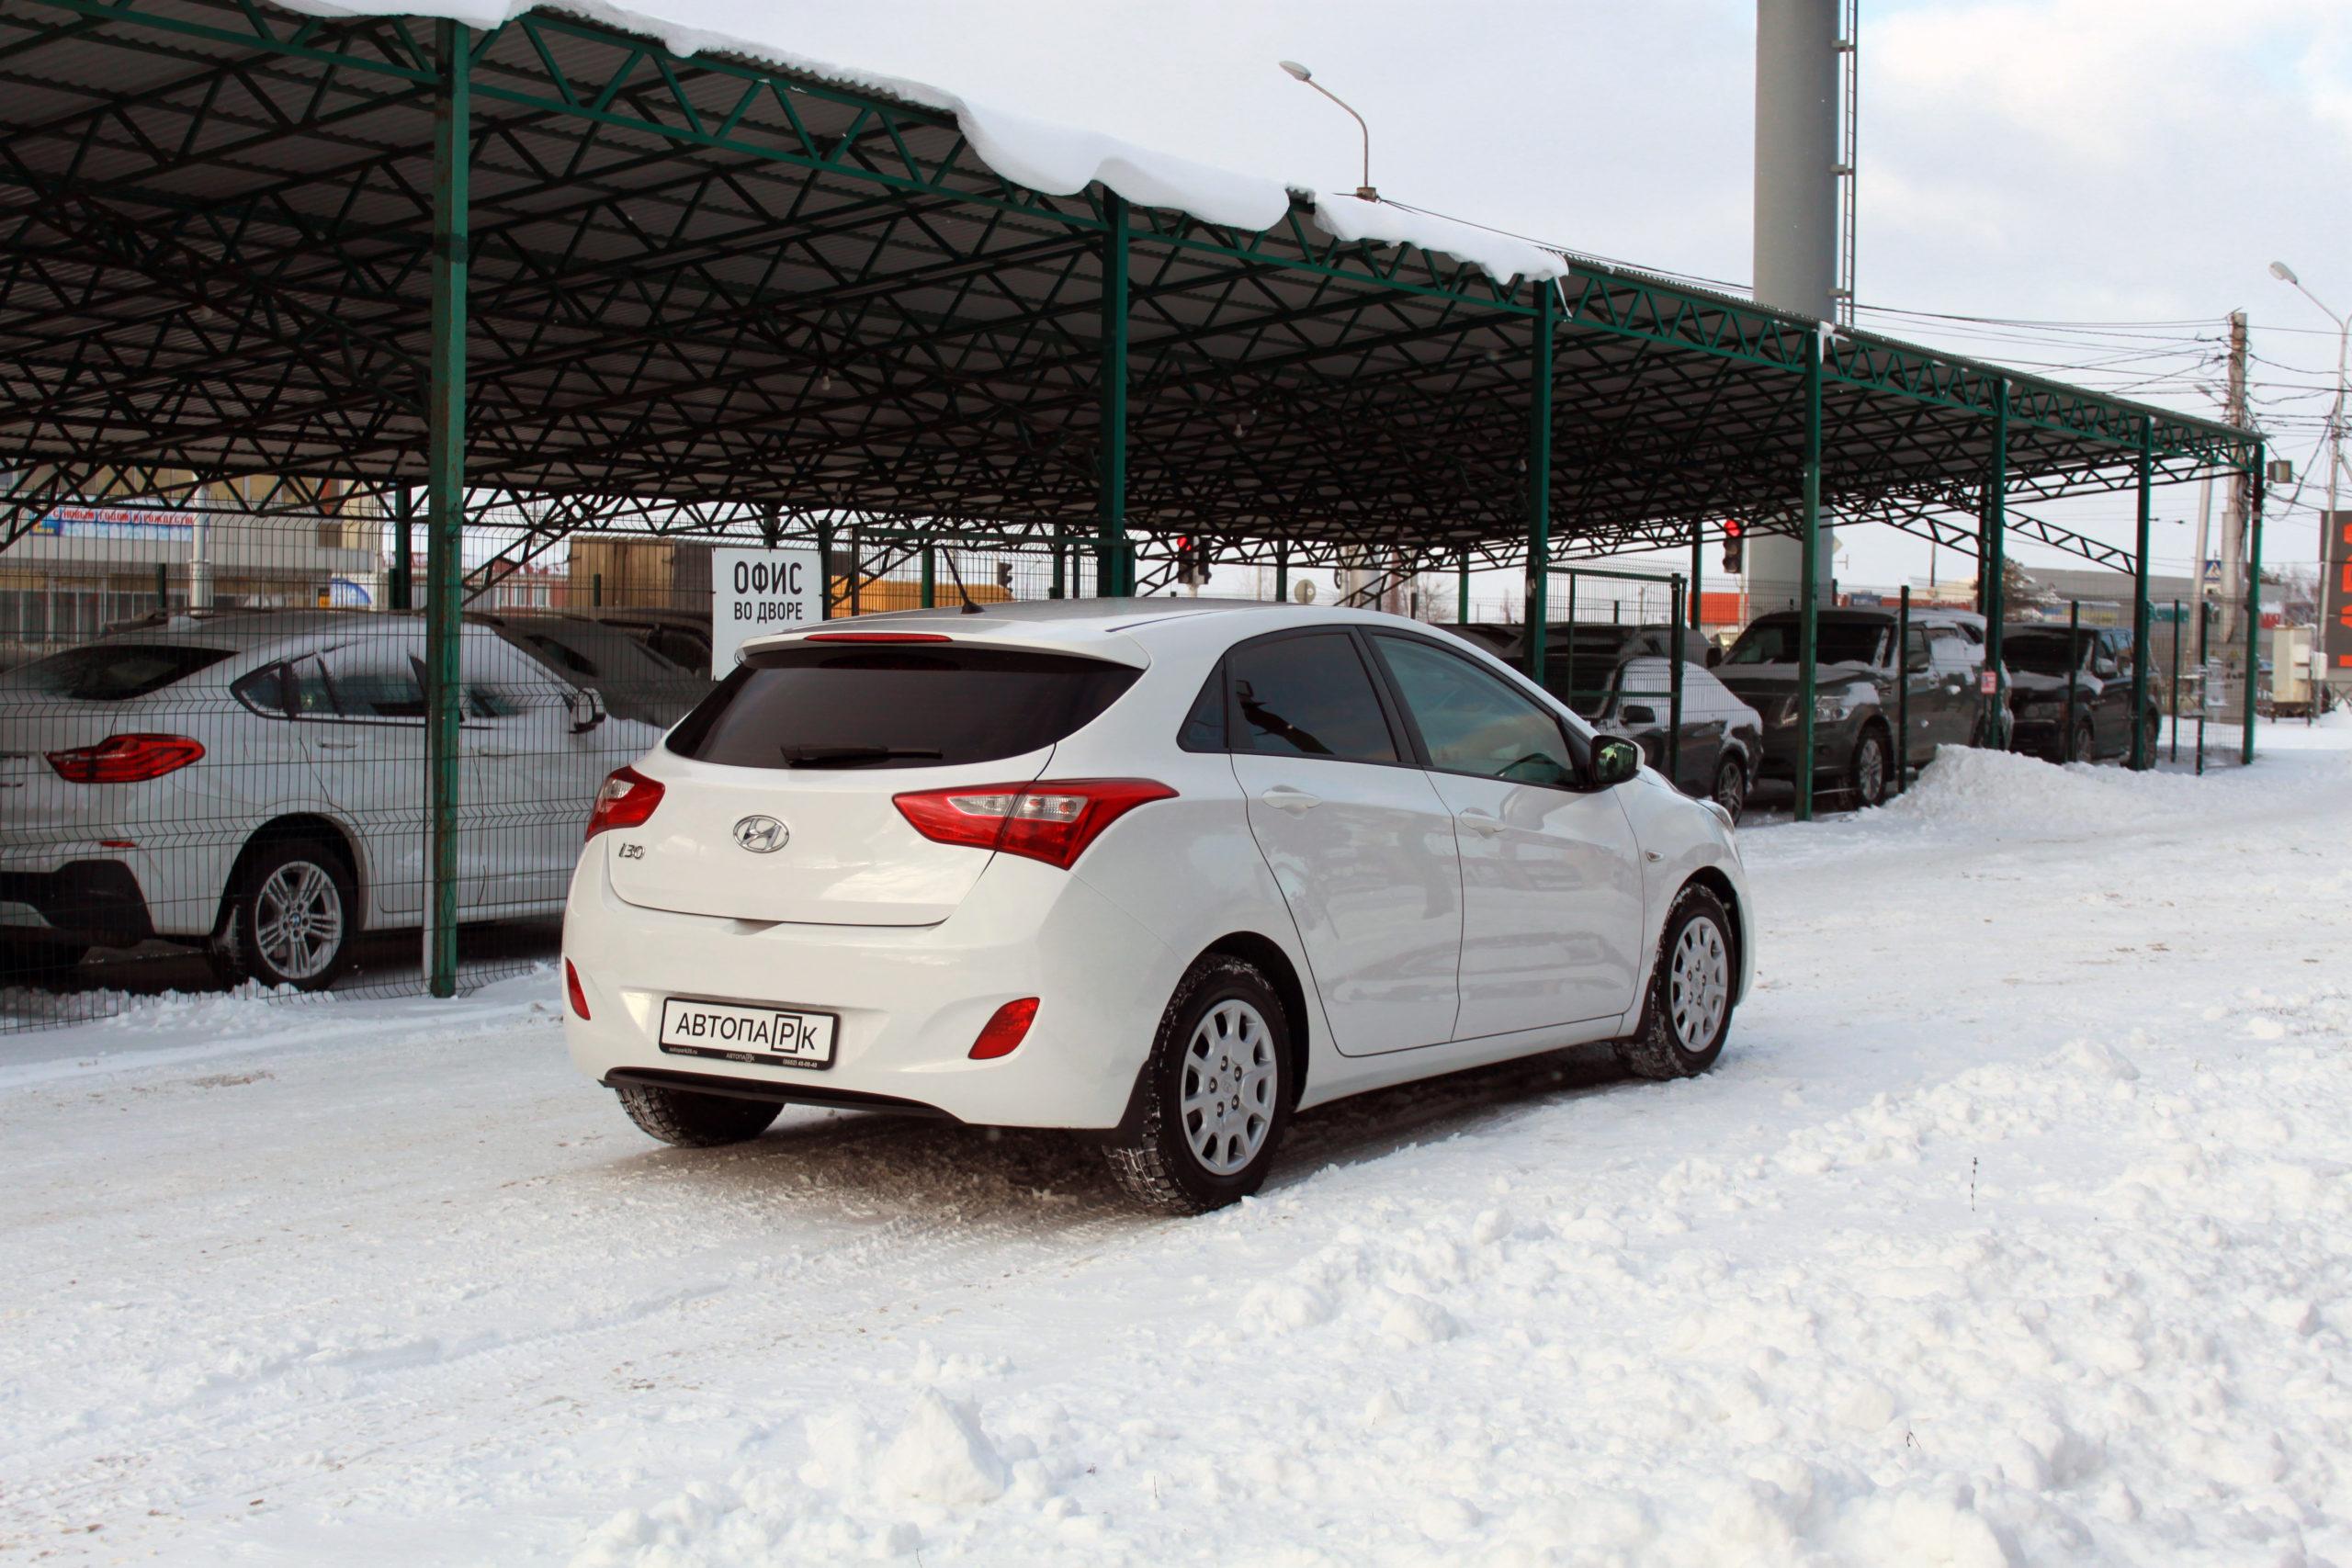 Купить Hyundai i30 (Белый) - Автопарк Ставрополь